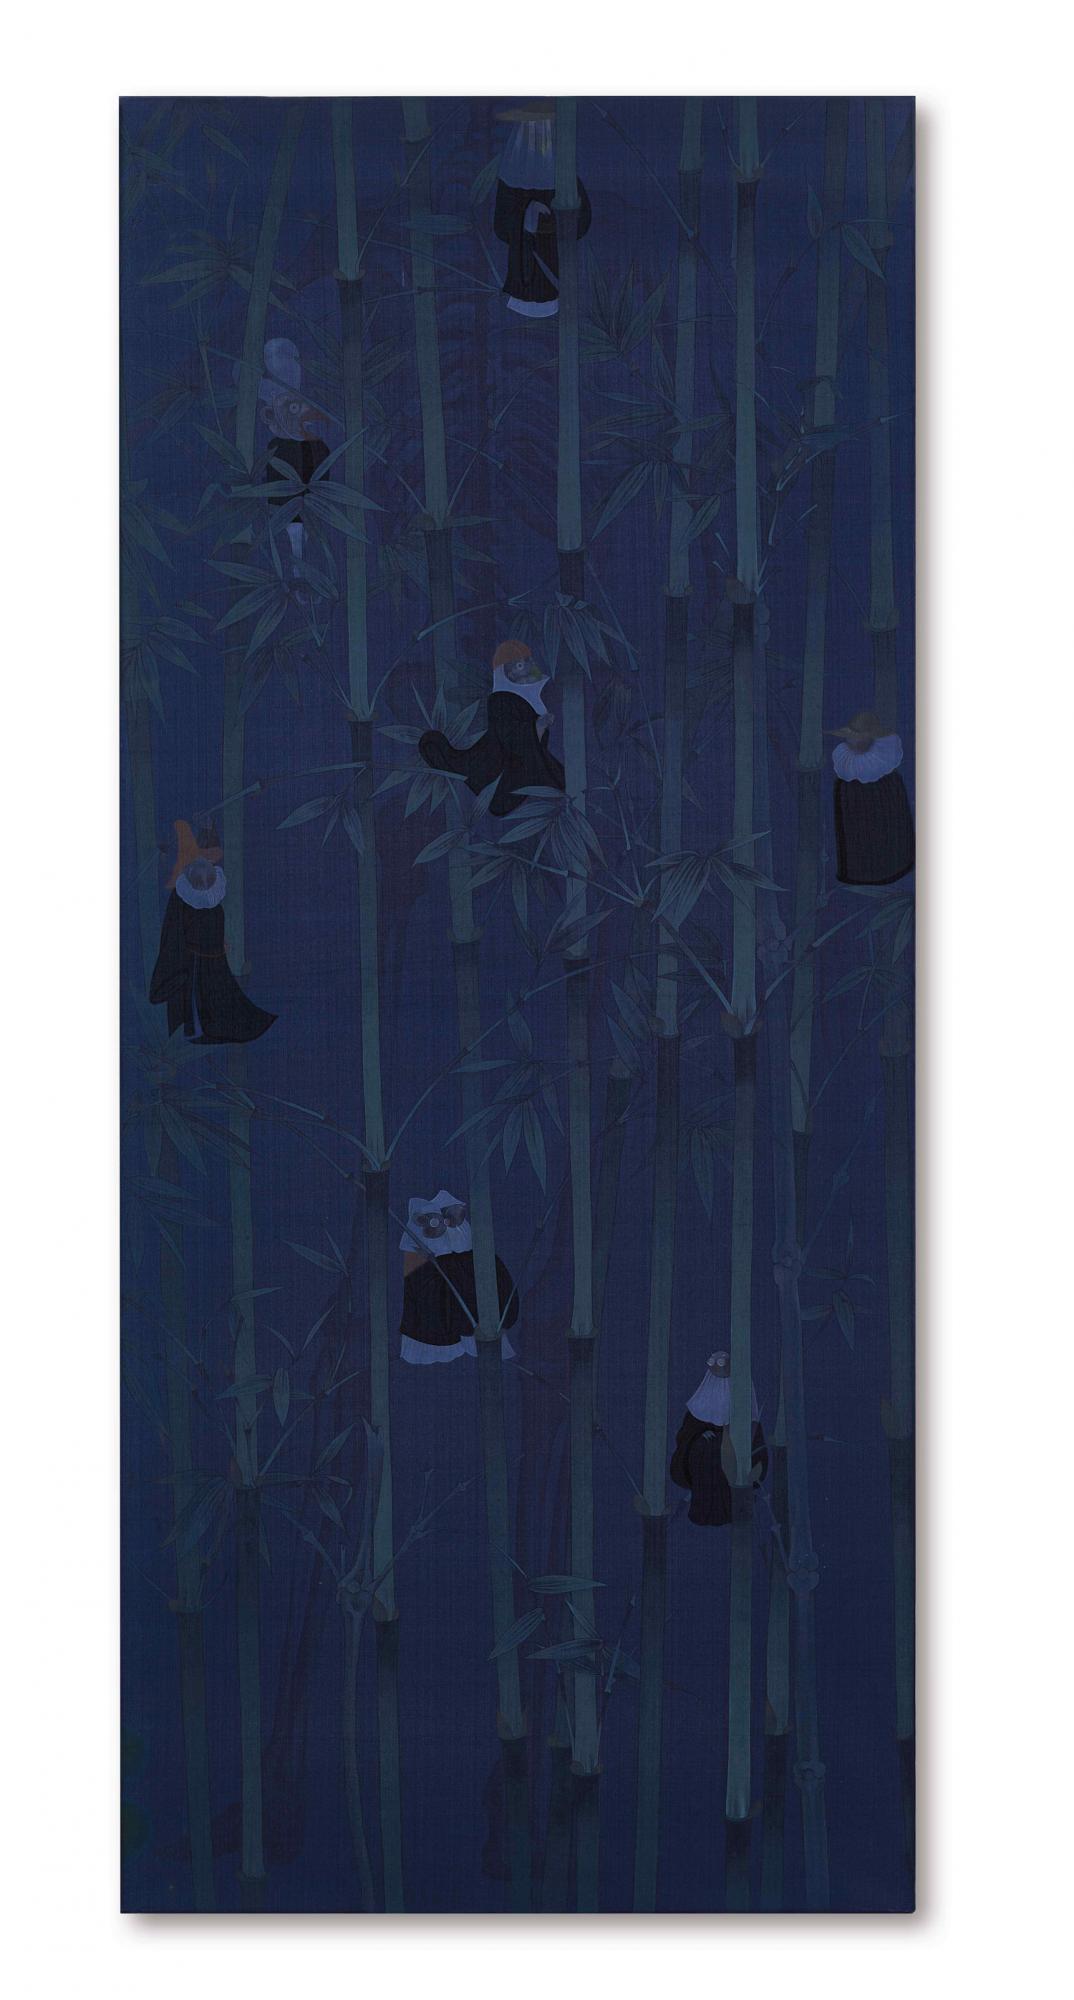 郝量 《竹林七賢》 2010年作,水墨絹本 159.2 x 70 公分